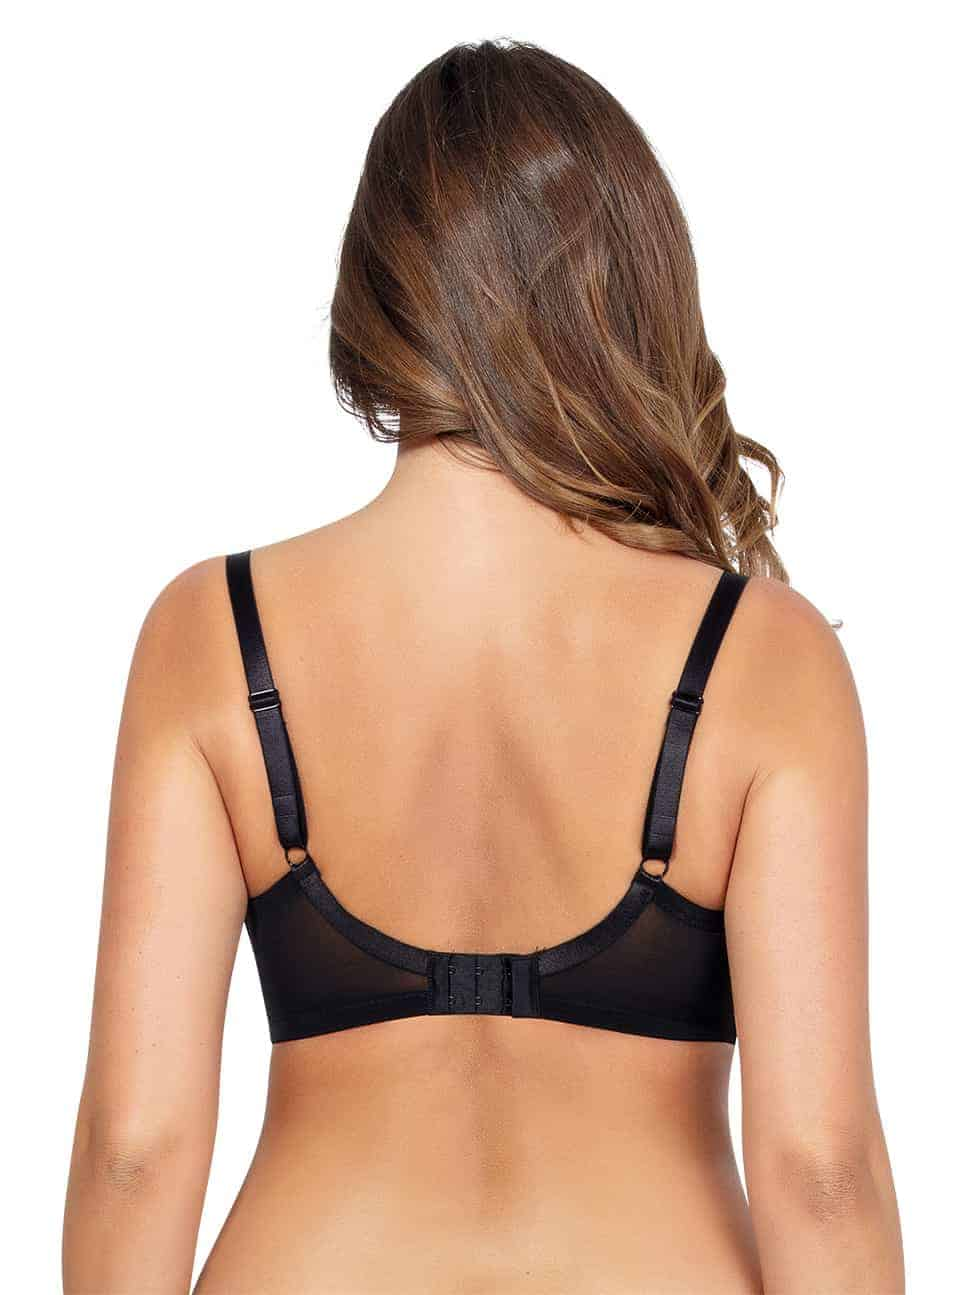 Emma PlungeMoldedBraP5490 Black Back - Emma Plunge Molded Bra - Black - P5490